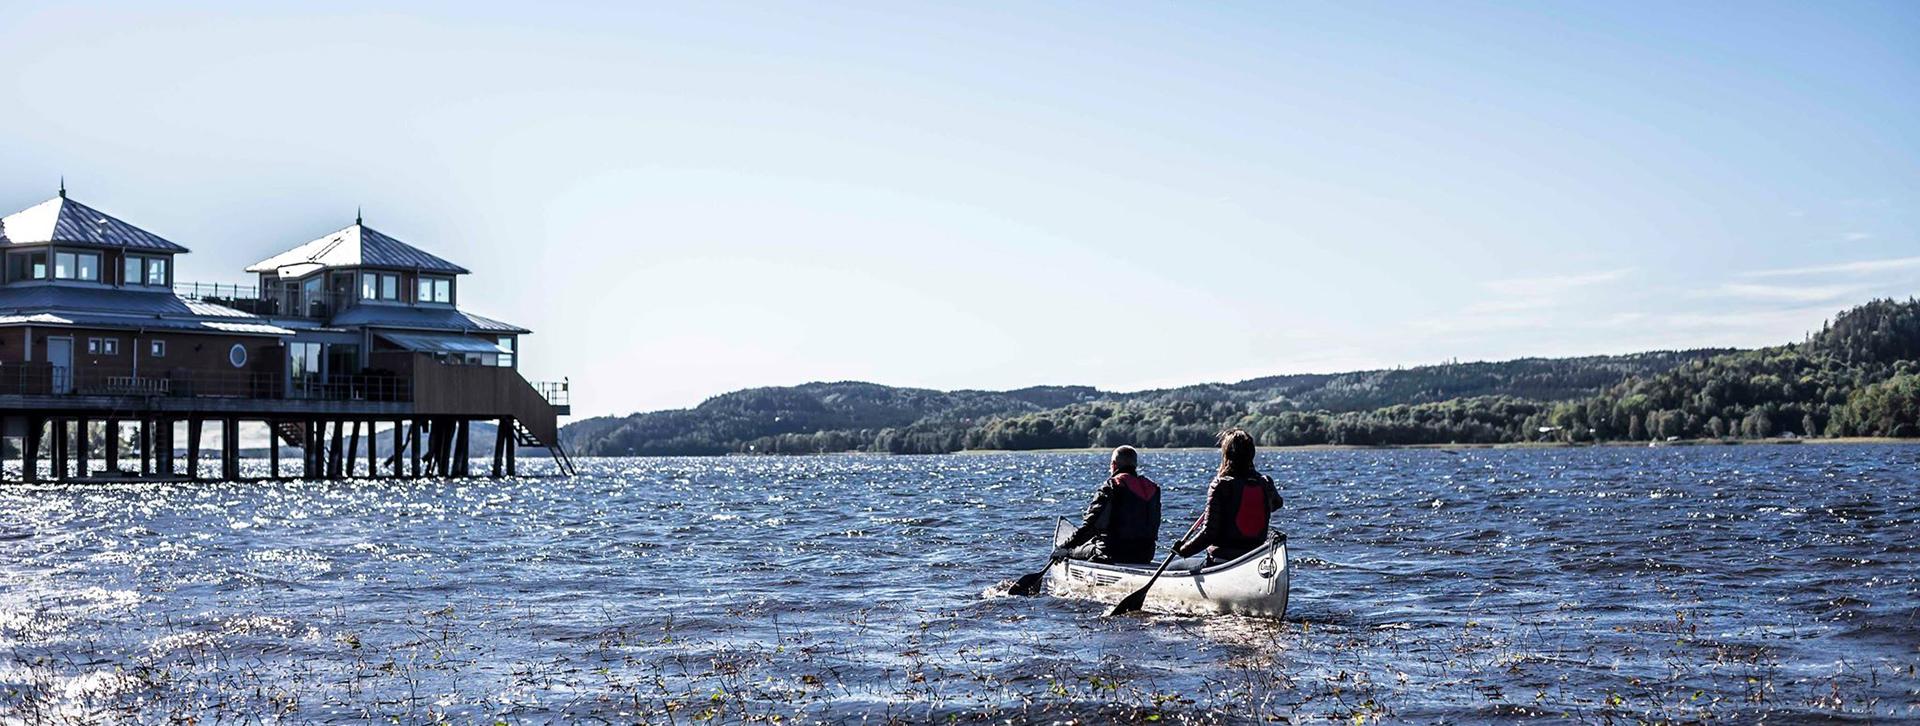 Upplev och upptäck Ulricehamn - Ett par som paddlaruset i bakgrunden